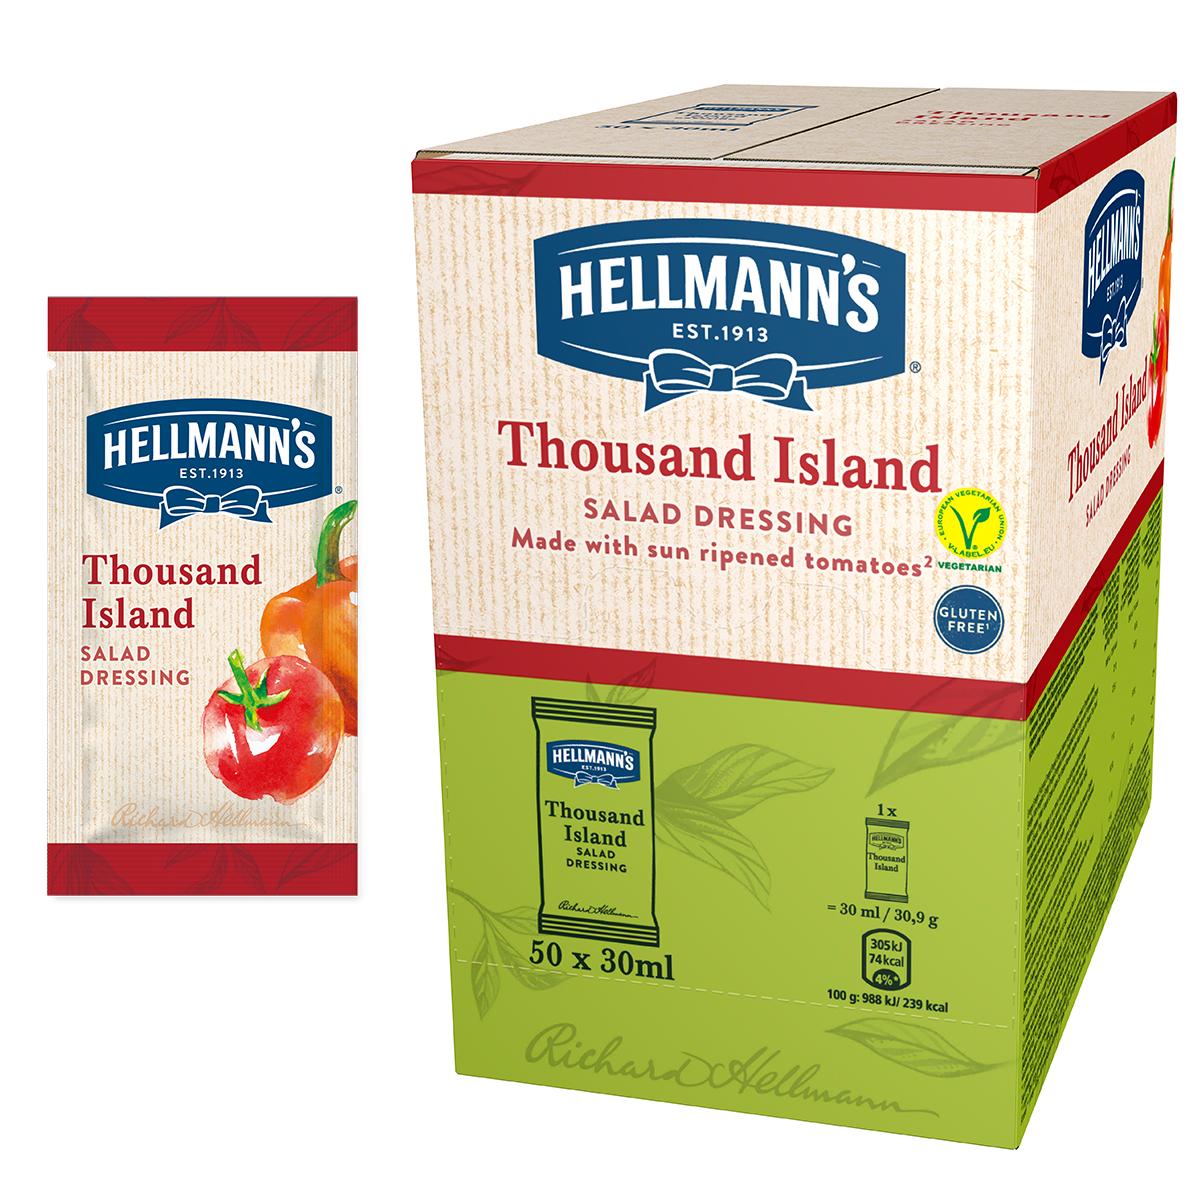 """Hellmann's Салатен дресинг Хиляда острова - доза 30 ml - """"Имам нужда от готово решение за салатен дресинг в единична доза, с качество, на което мога да разчитам и което бързо би се добавило към салата за доставка"""""""